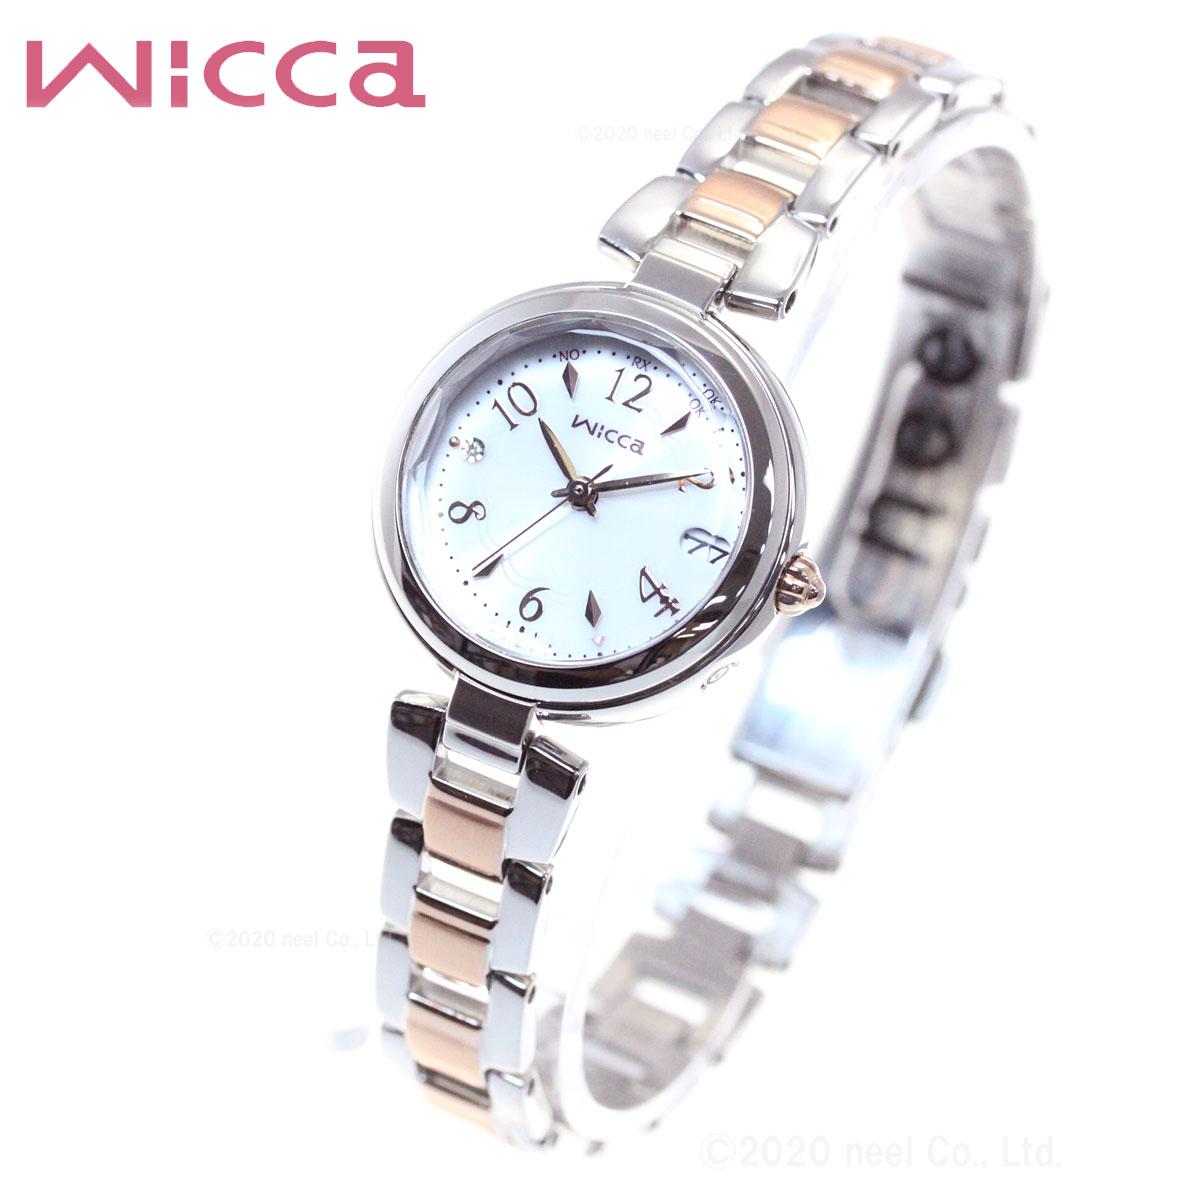 ウィッカ シチズン wicca ソーラーテック 電波時計 レディース 2020年 広告モデル KS1-538-11